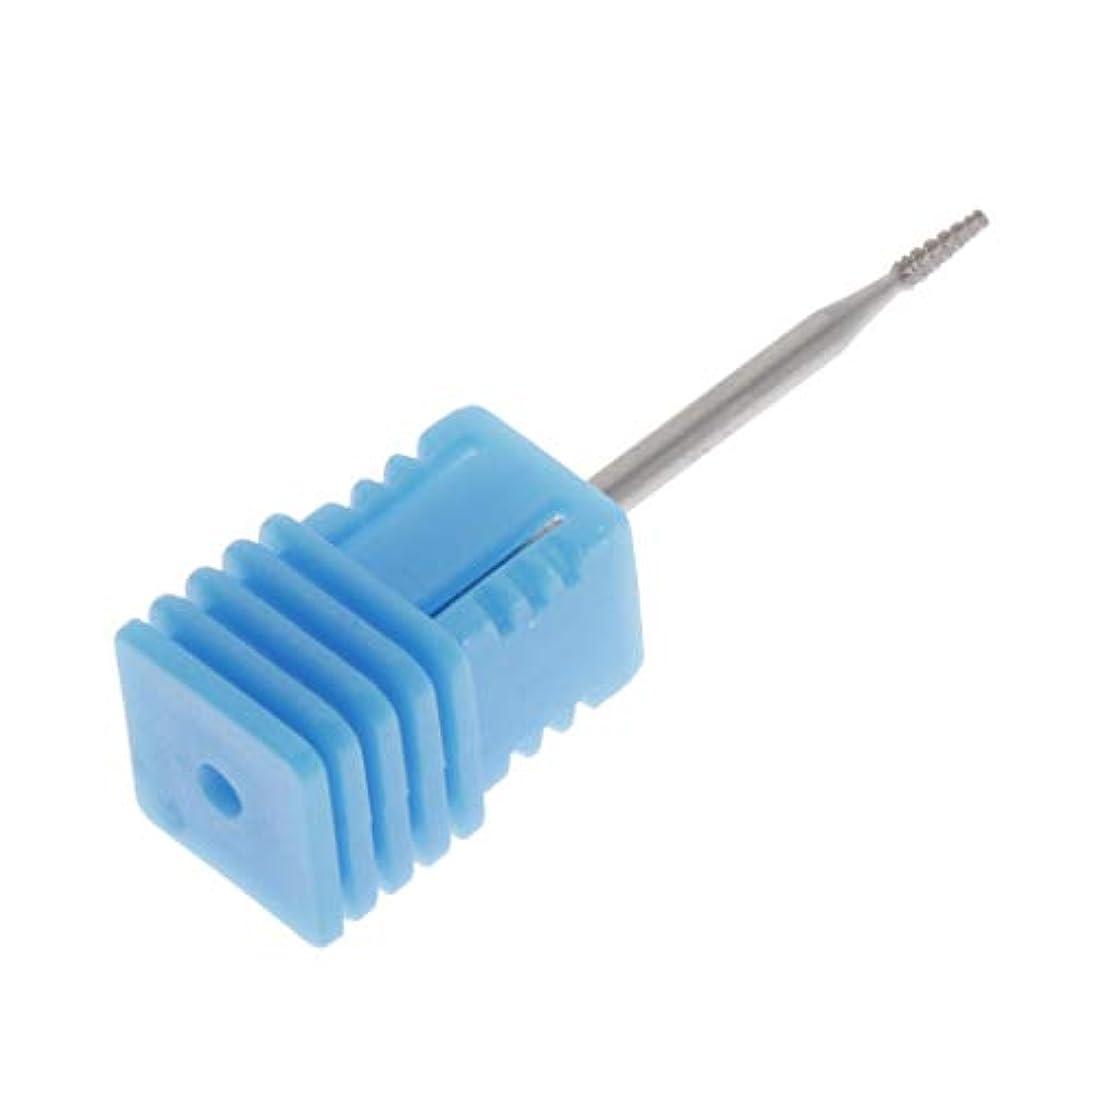 竜巻パネル音節Perfeclan ネイル グラインド ヘッド ドリルビット ネイルビット 爪磨き 爪やすり ネイルケアツール 全3カラー - 01